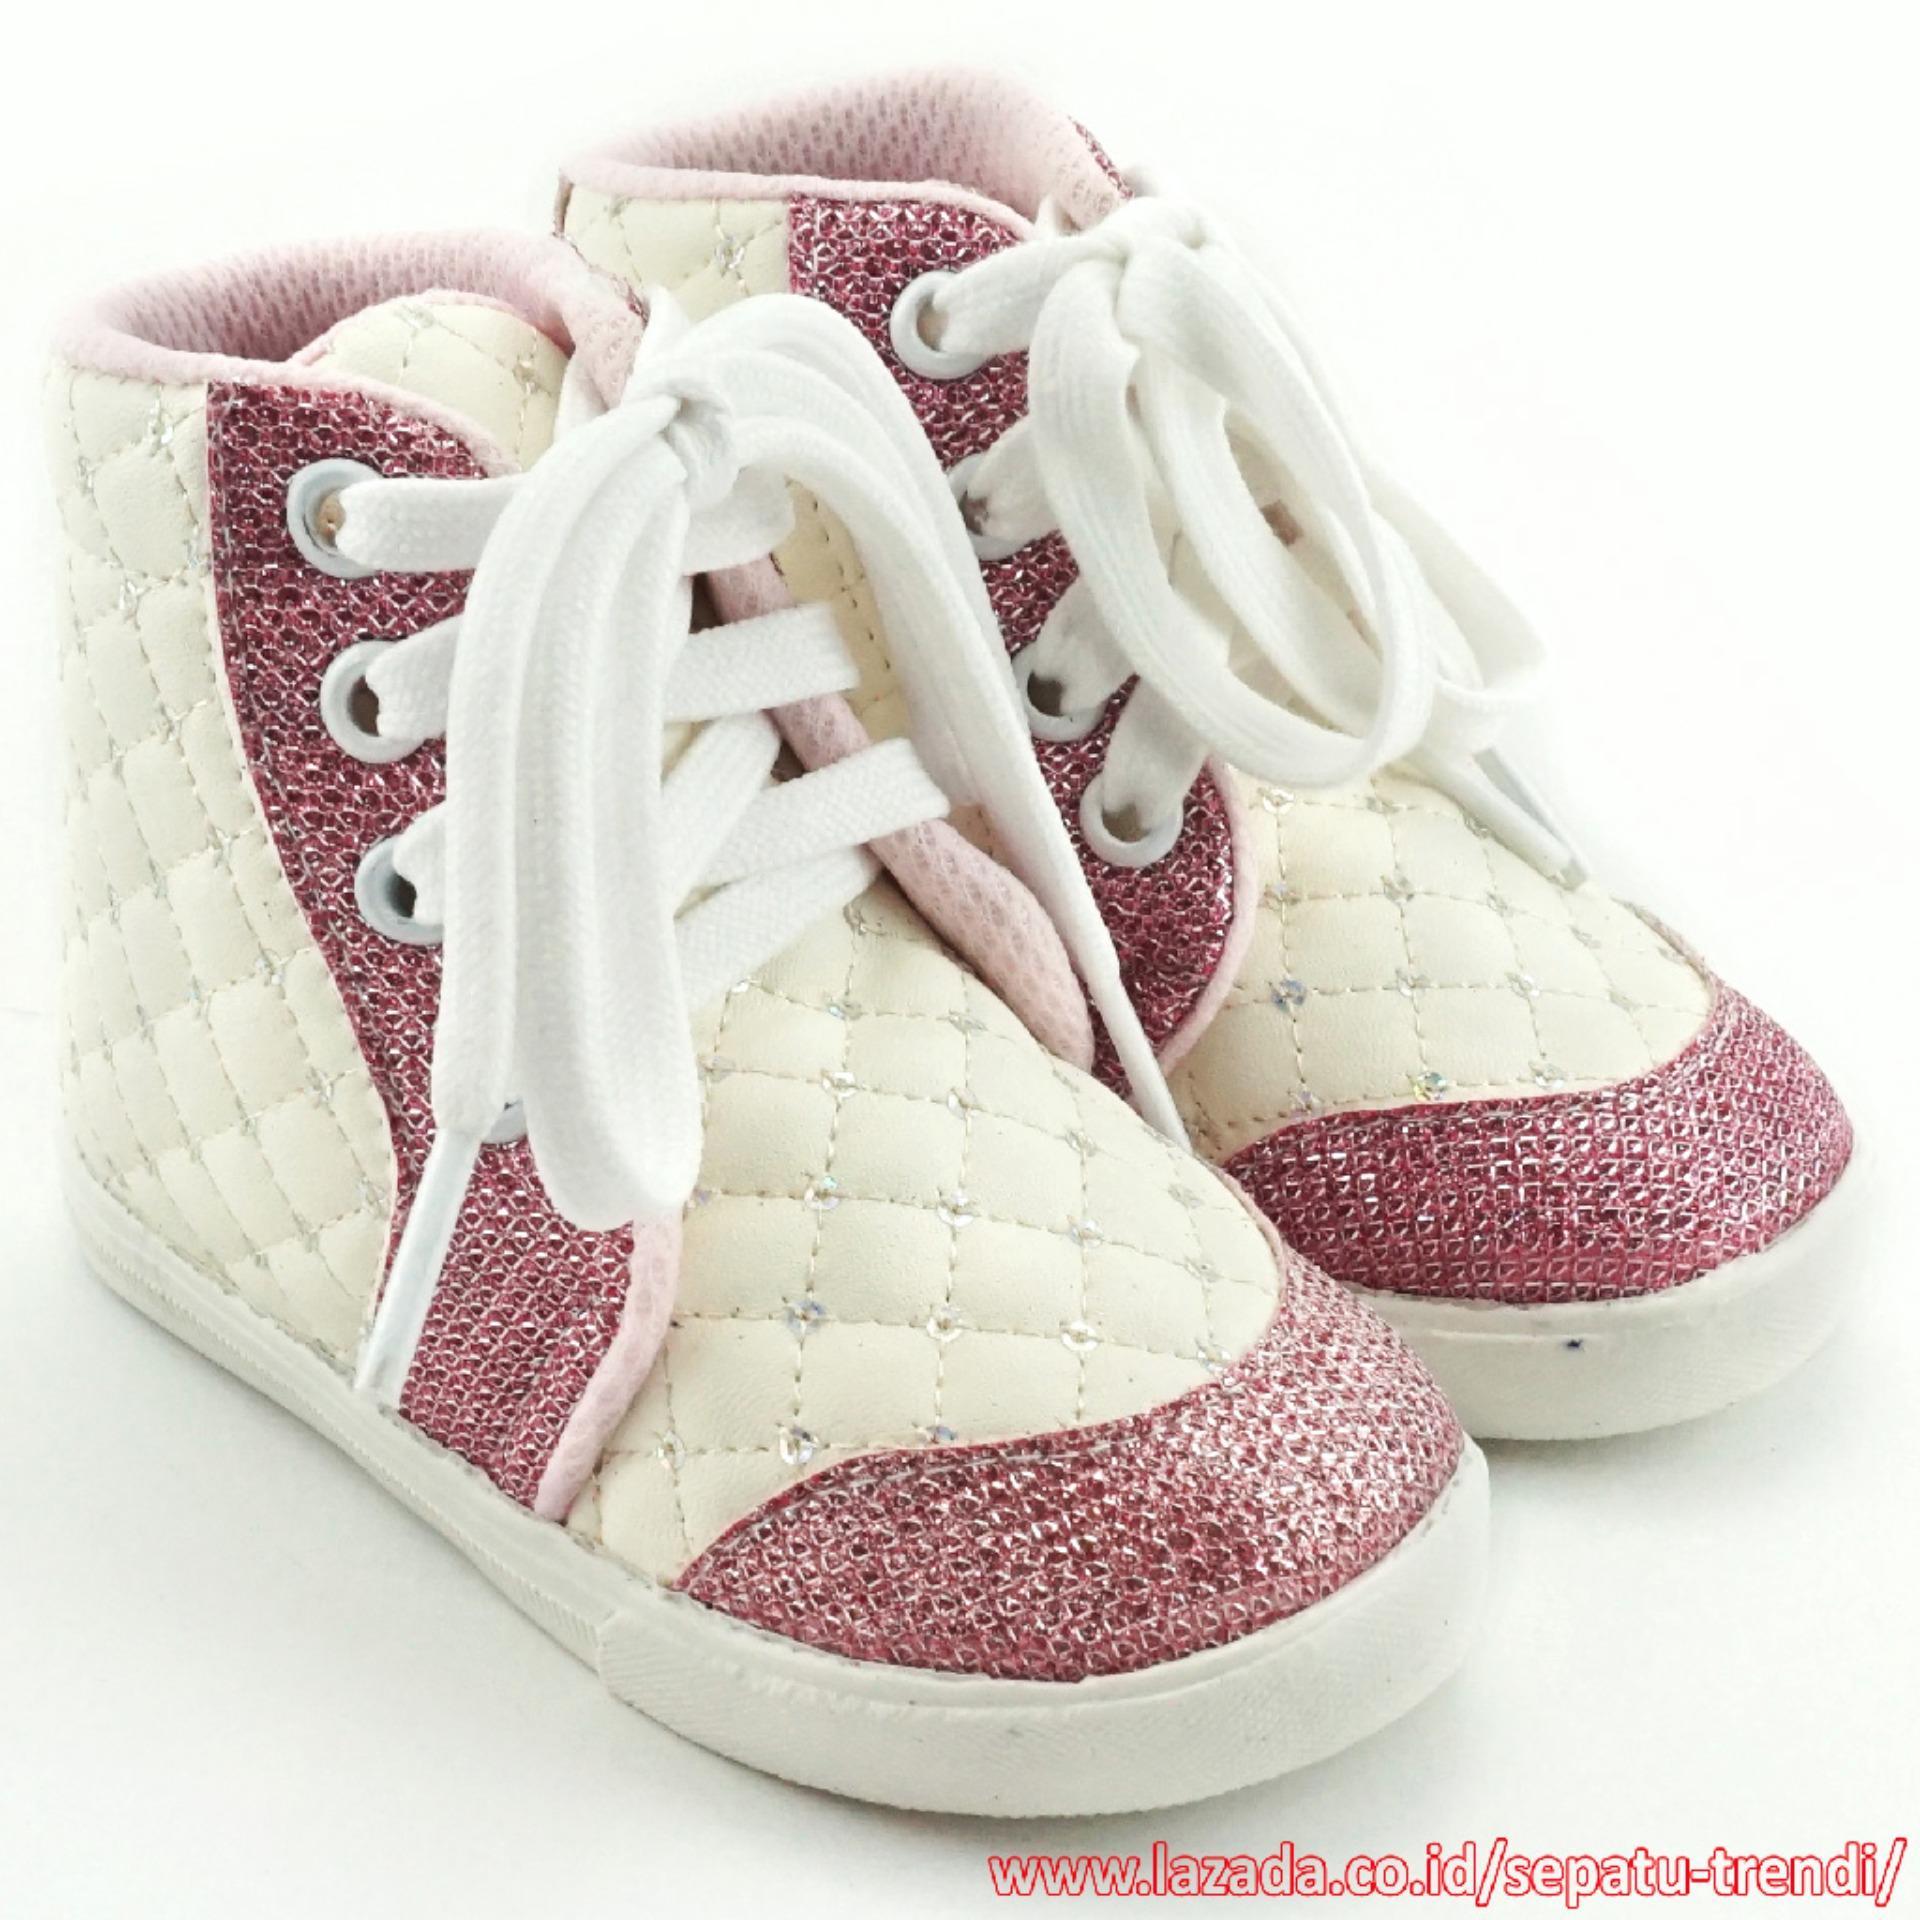 TrendiShoes Sepatu Boot Anak Perempuan Tali Kece DM Putih Pink .